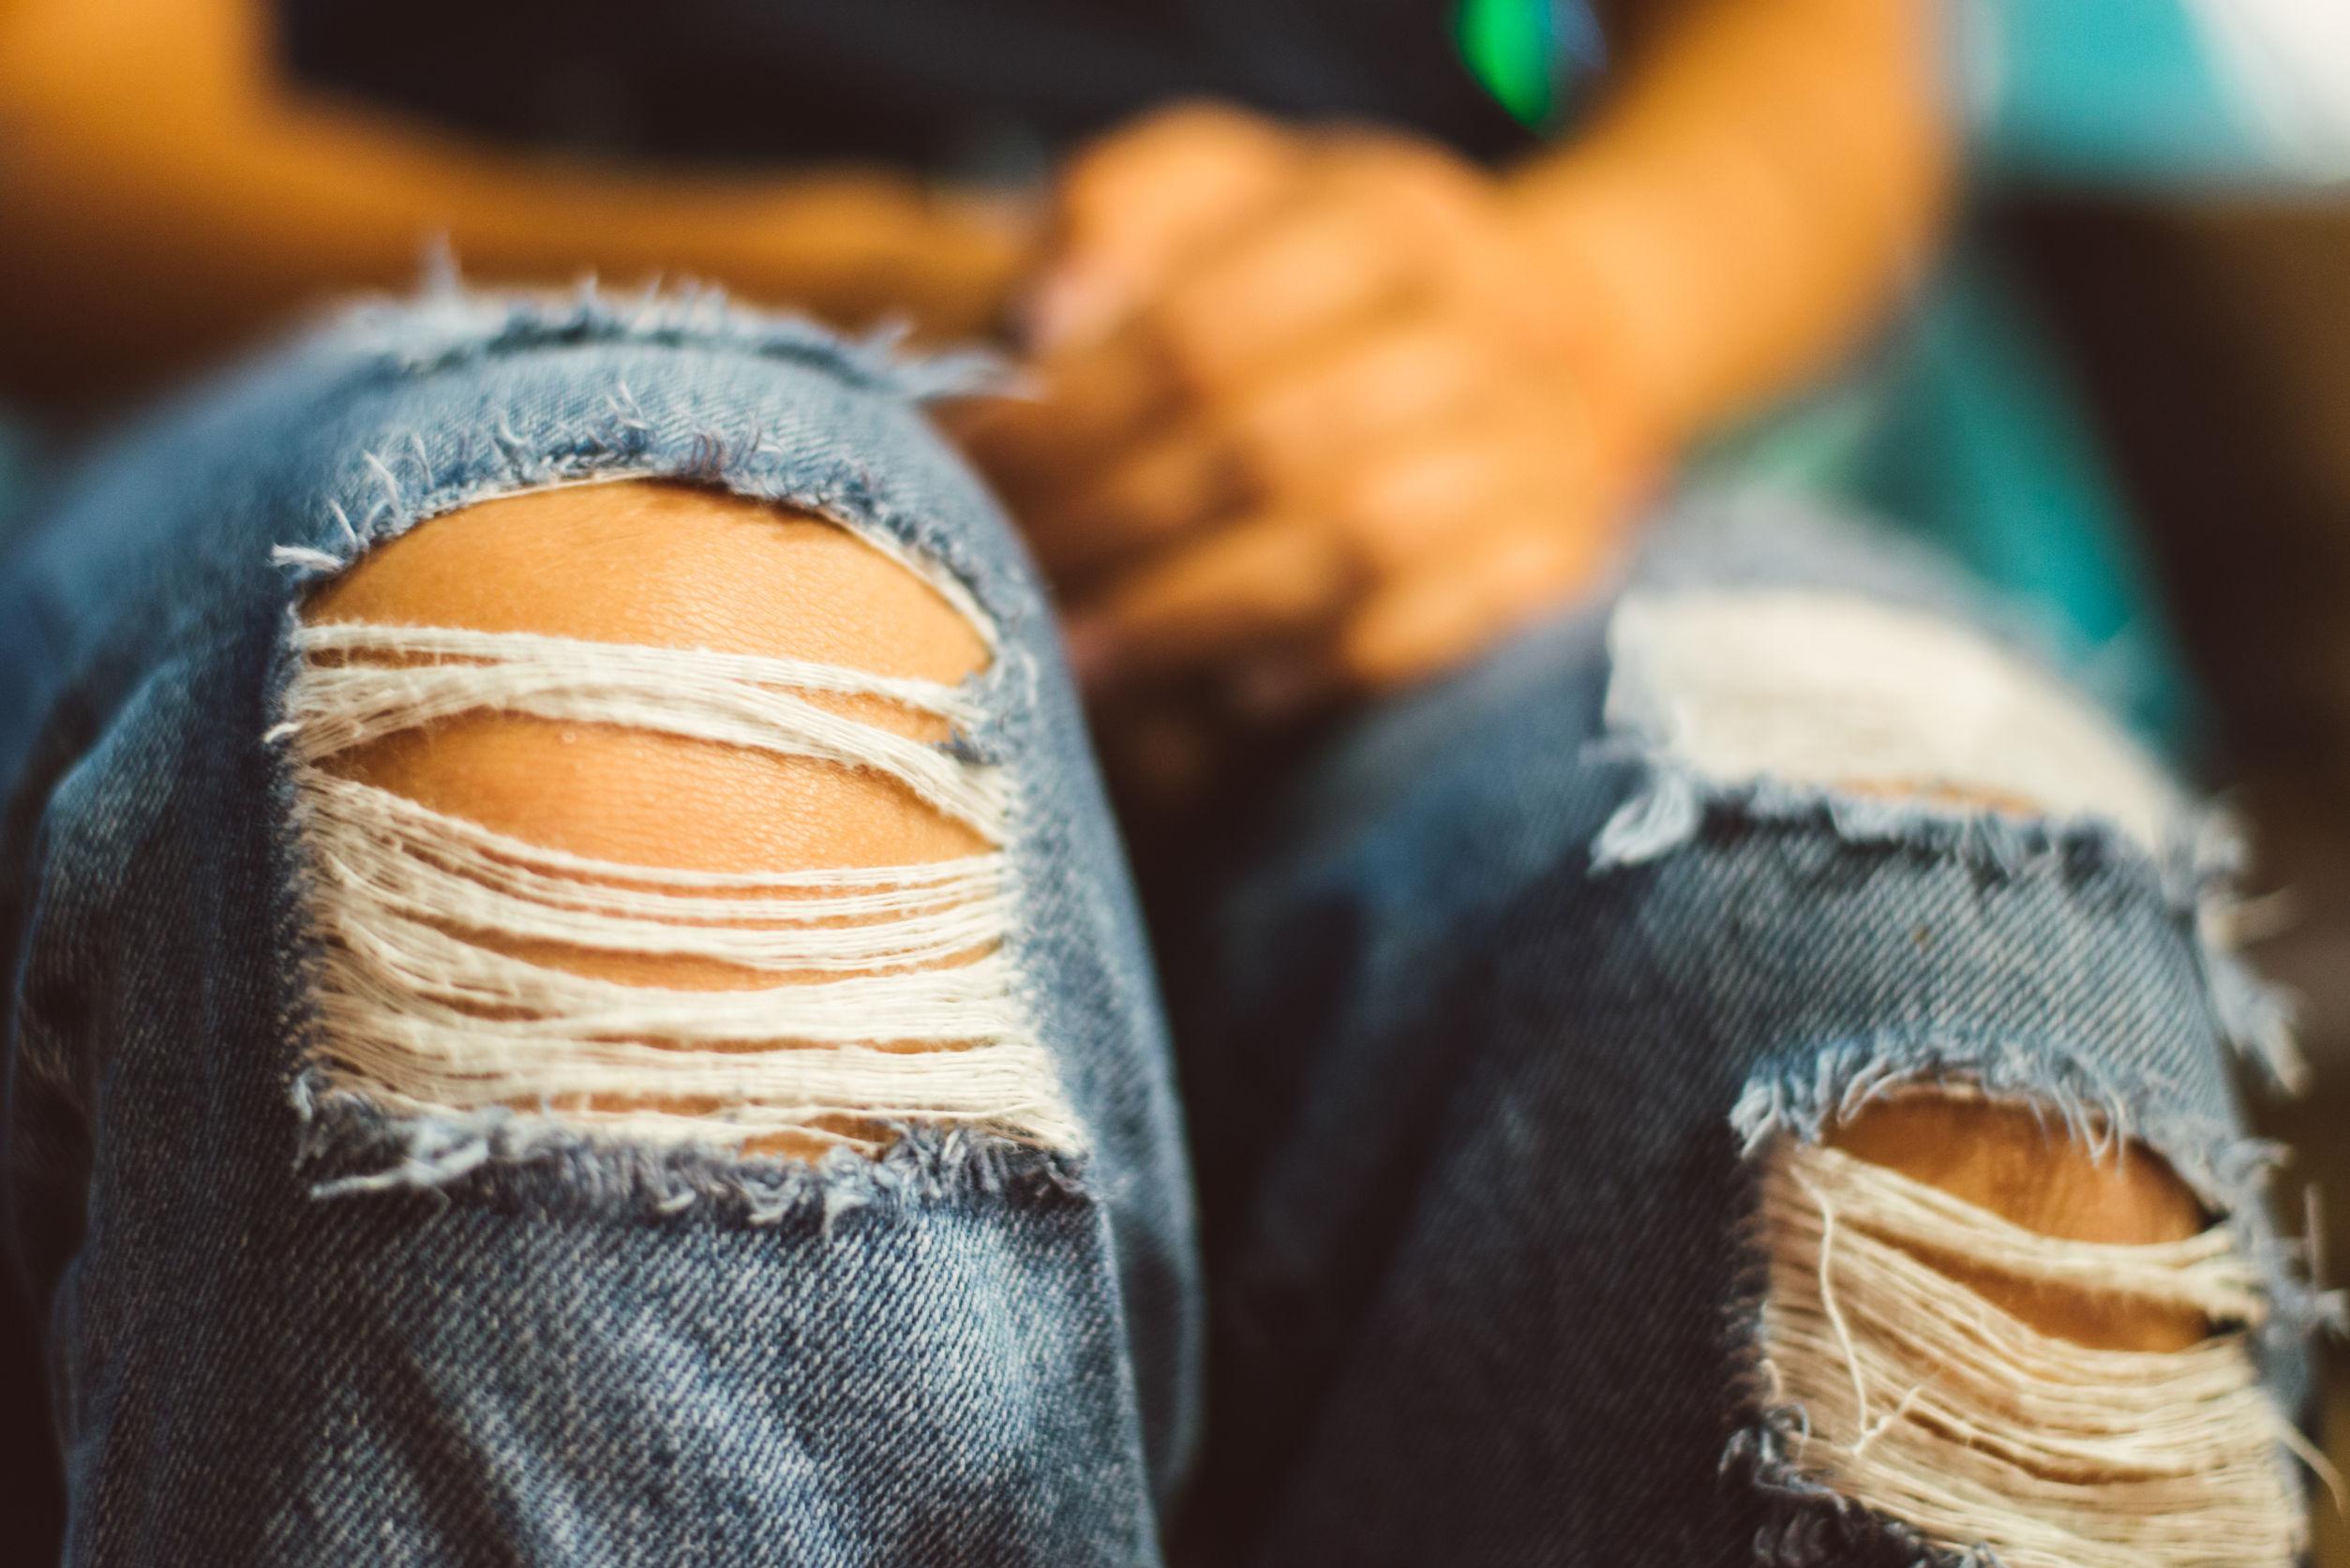 Podarte jeansy są nieprzyzwoite? Chrześcijański publicysta